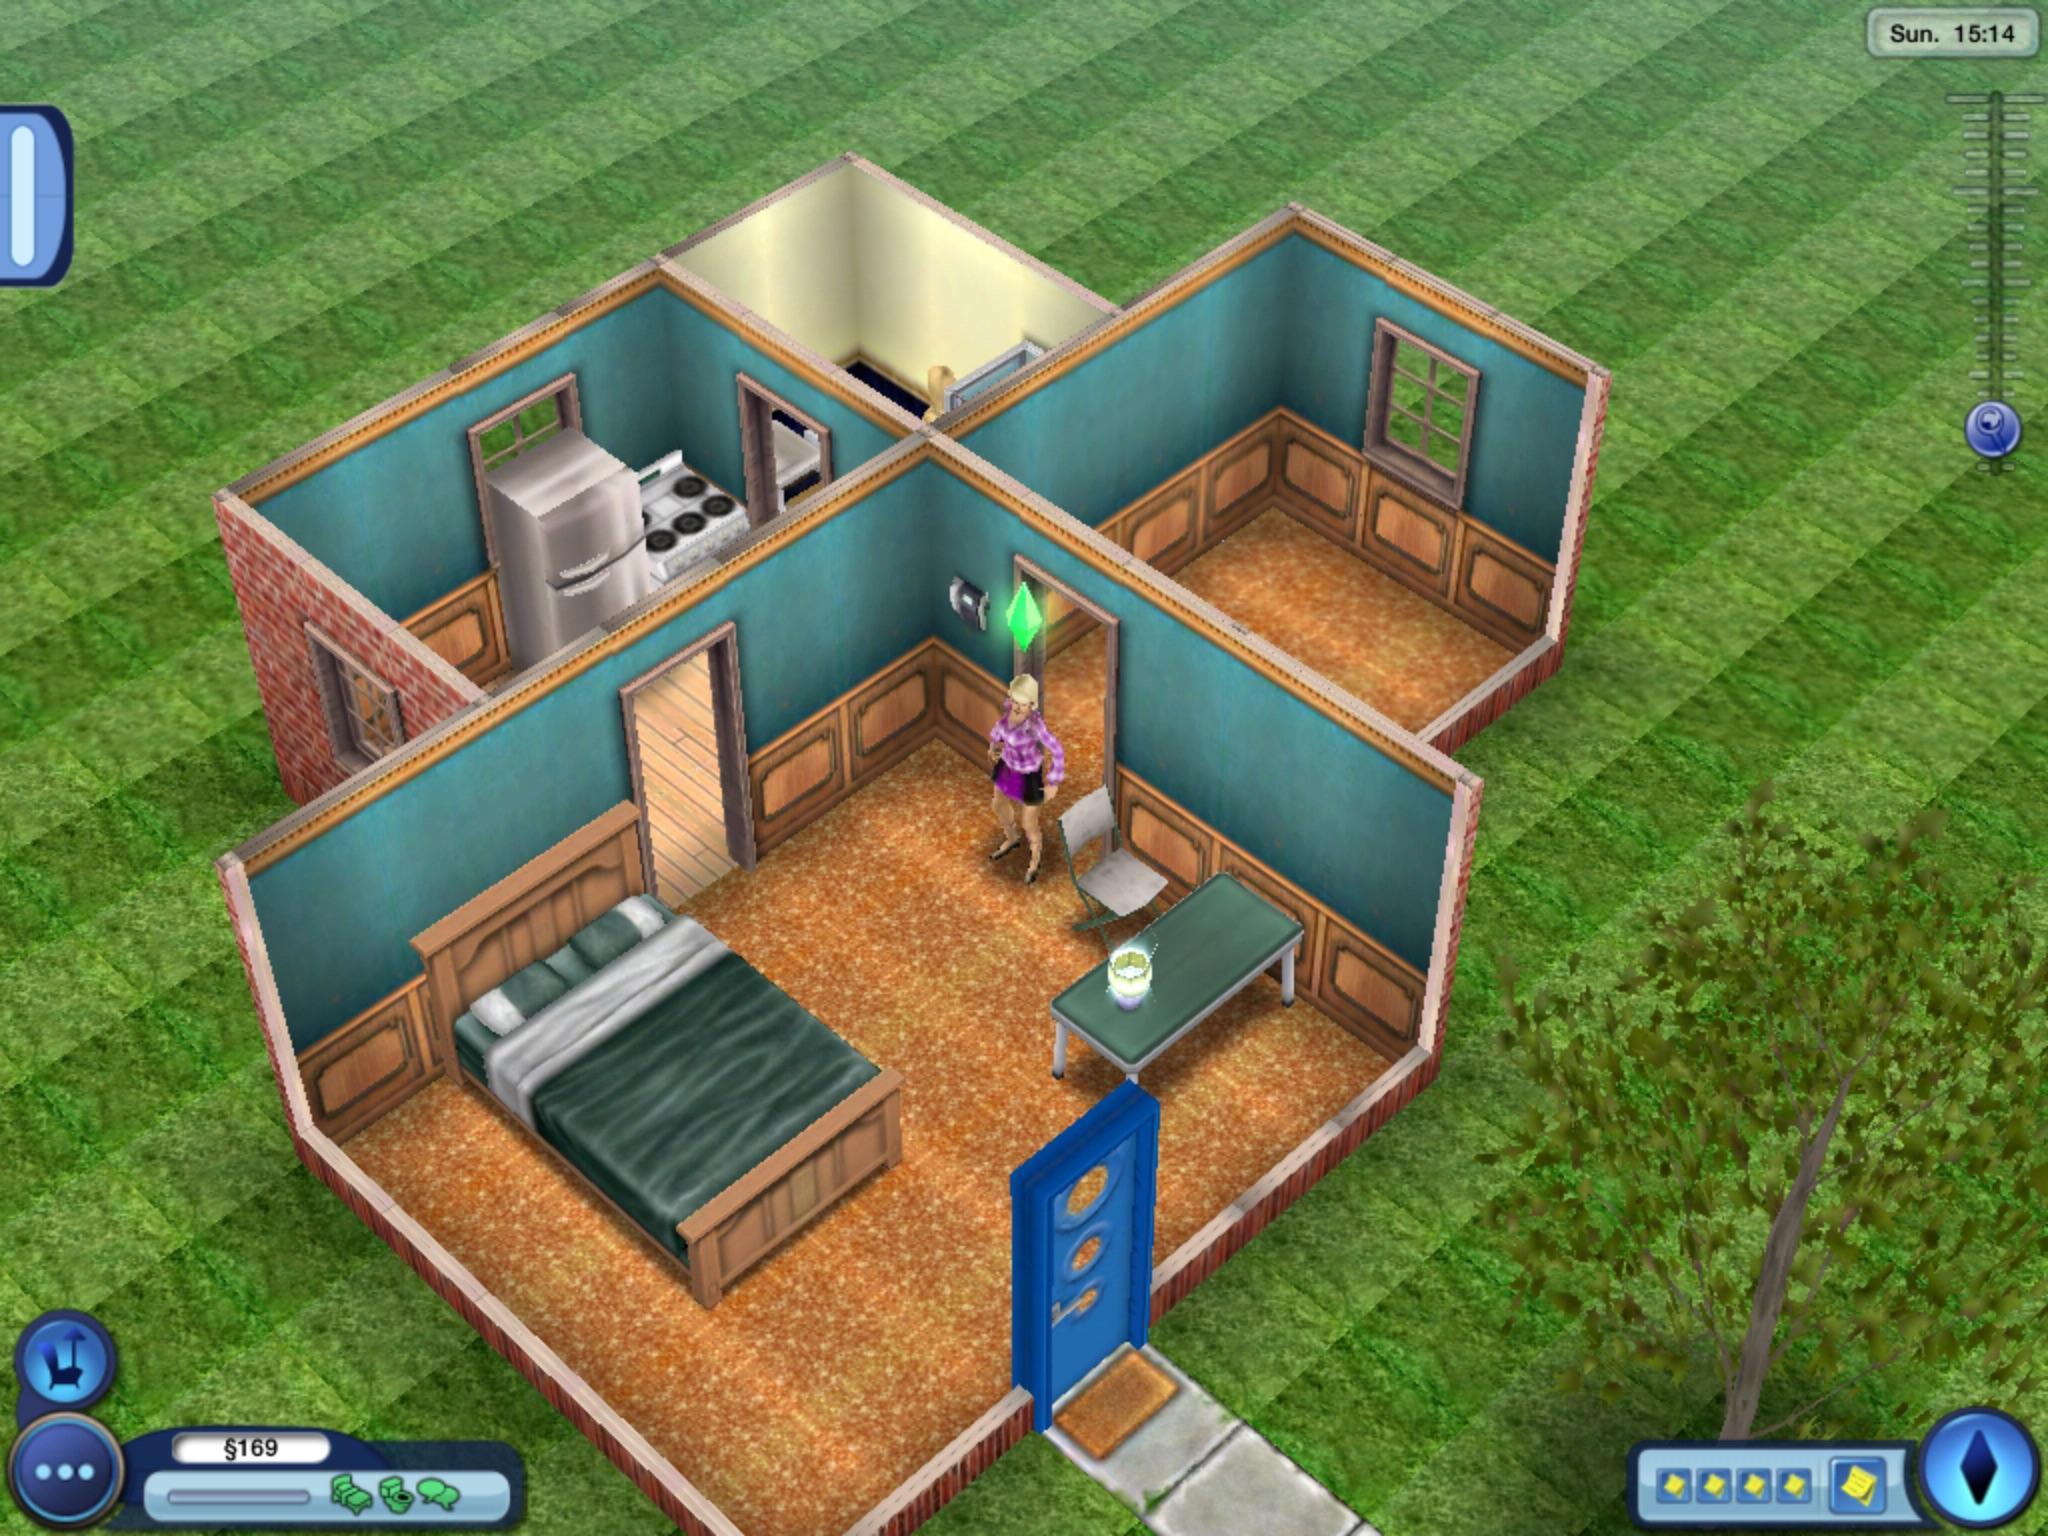 Sims 3 for iPad/iPhone – himandhergaming